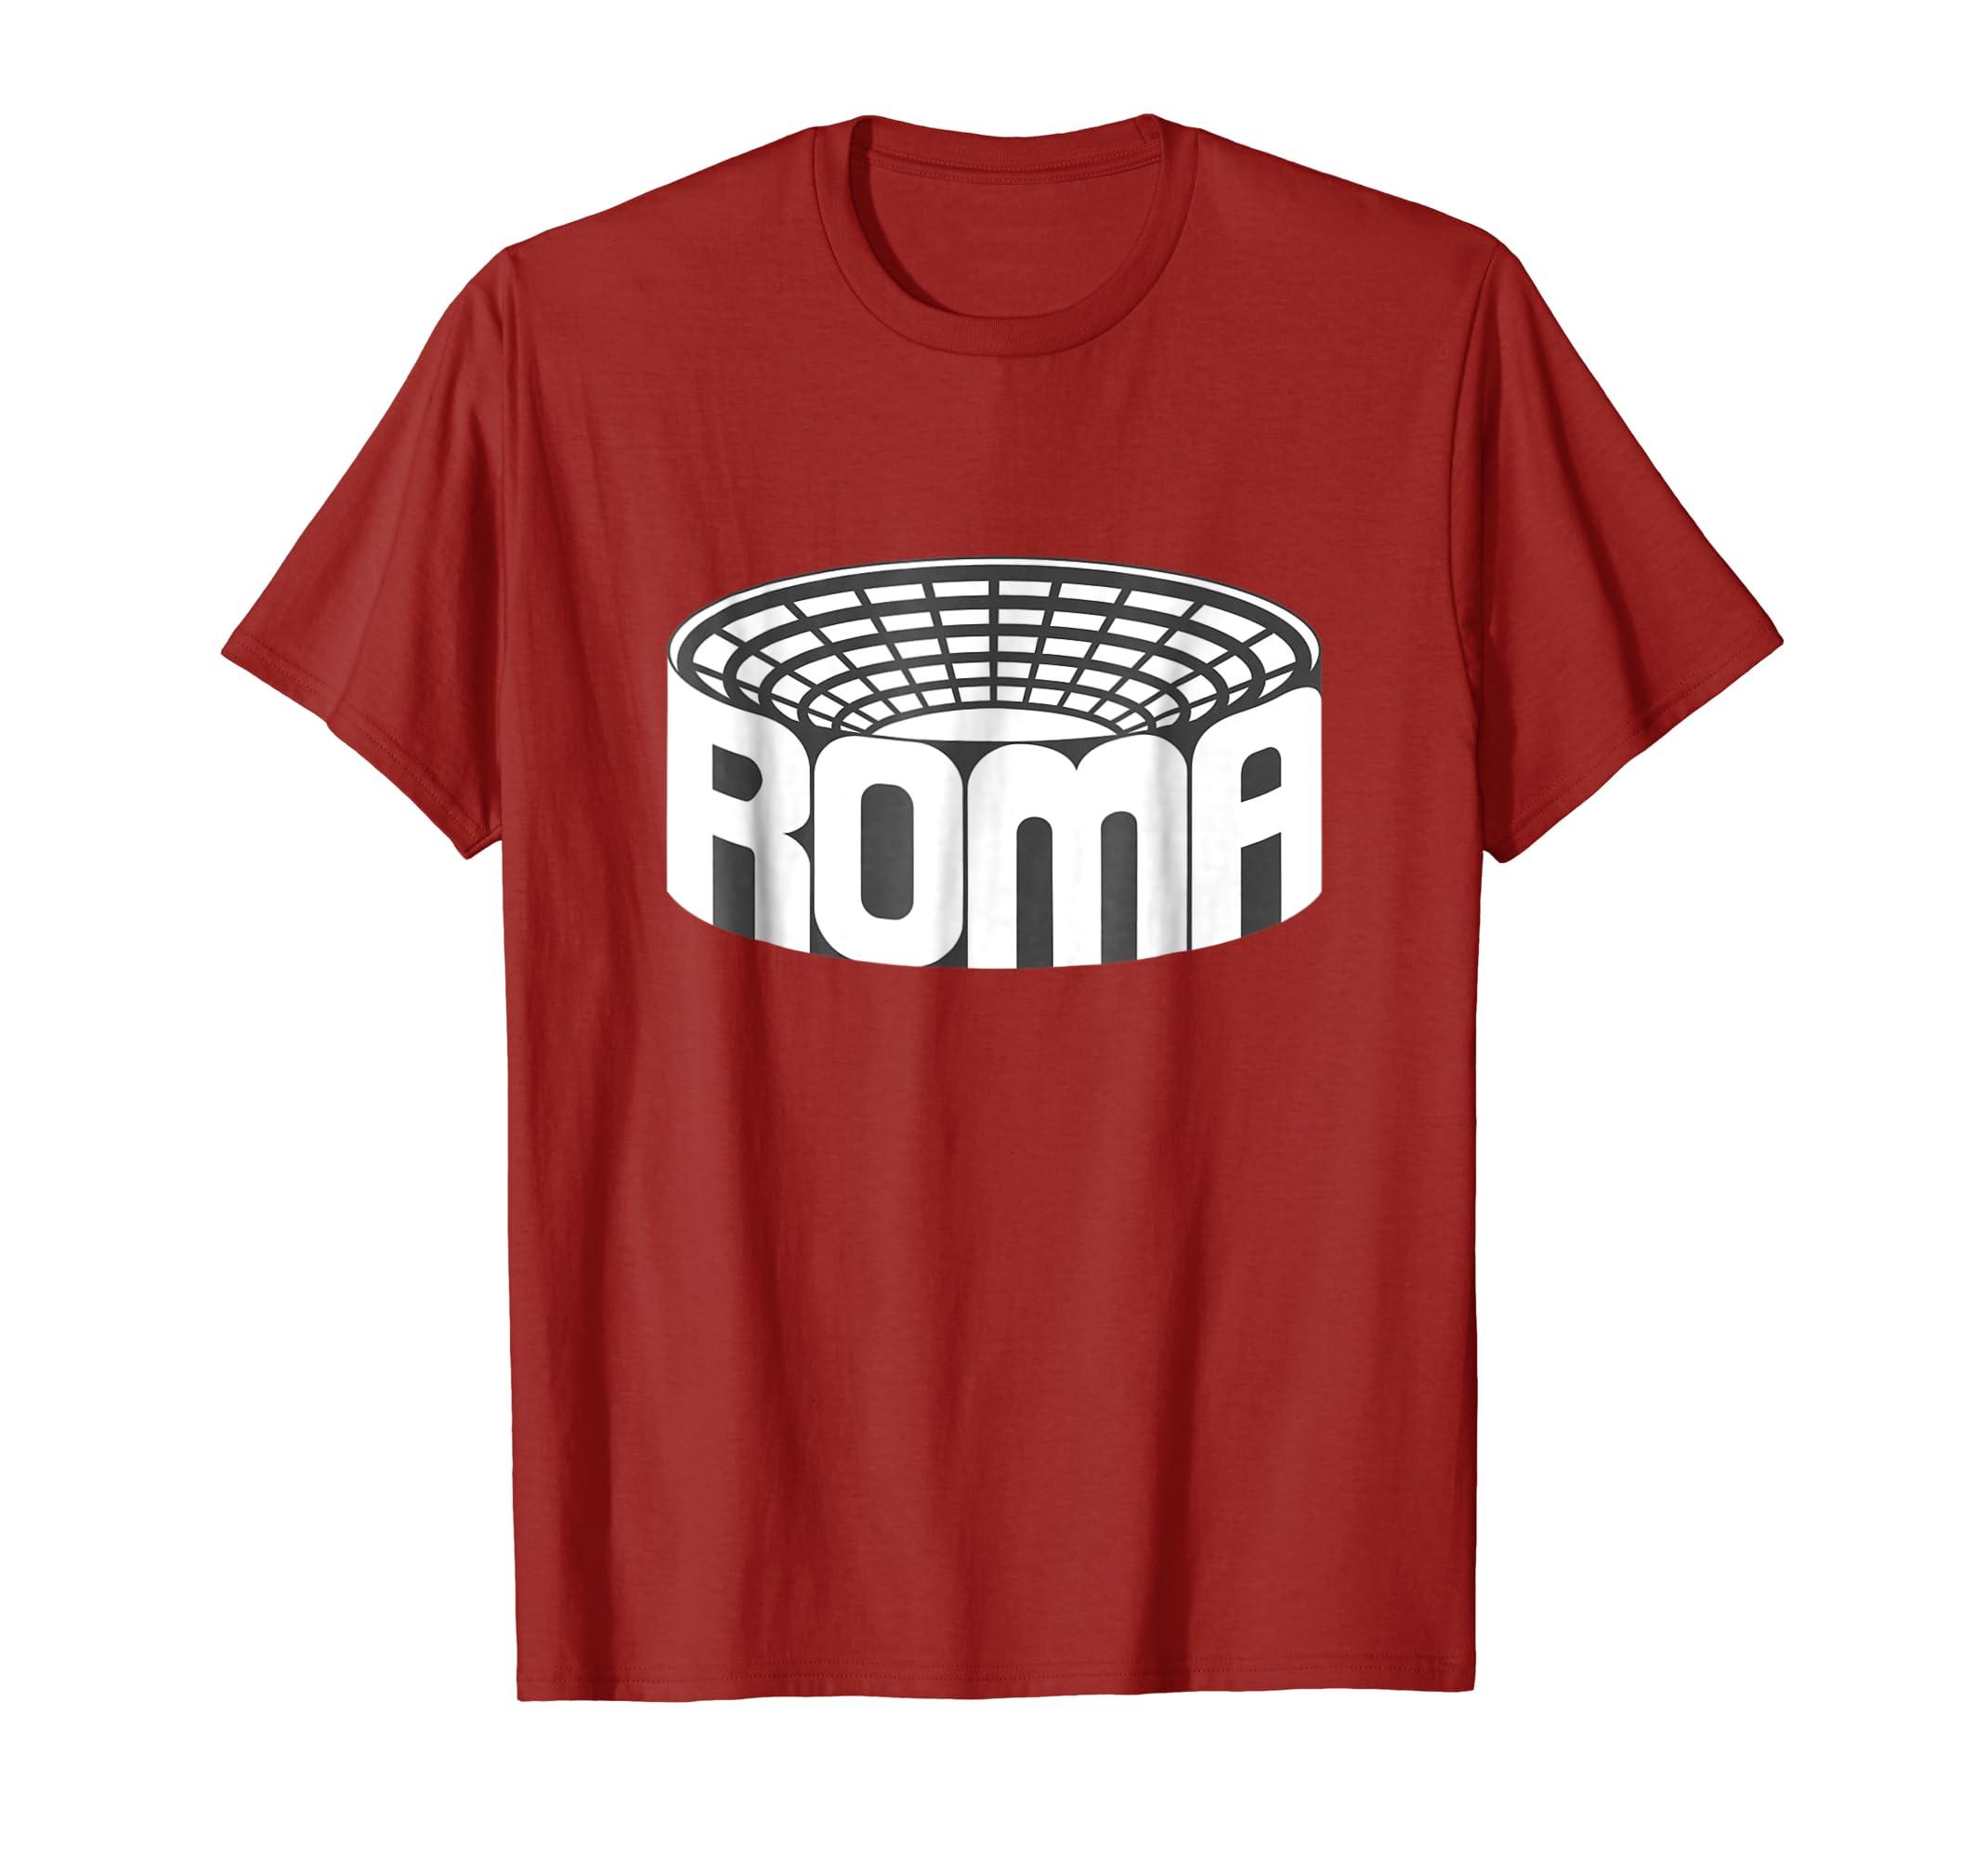 Roma Tshirt funny Colosseum Italia Typography Souvenir-Teechatpro